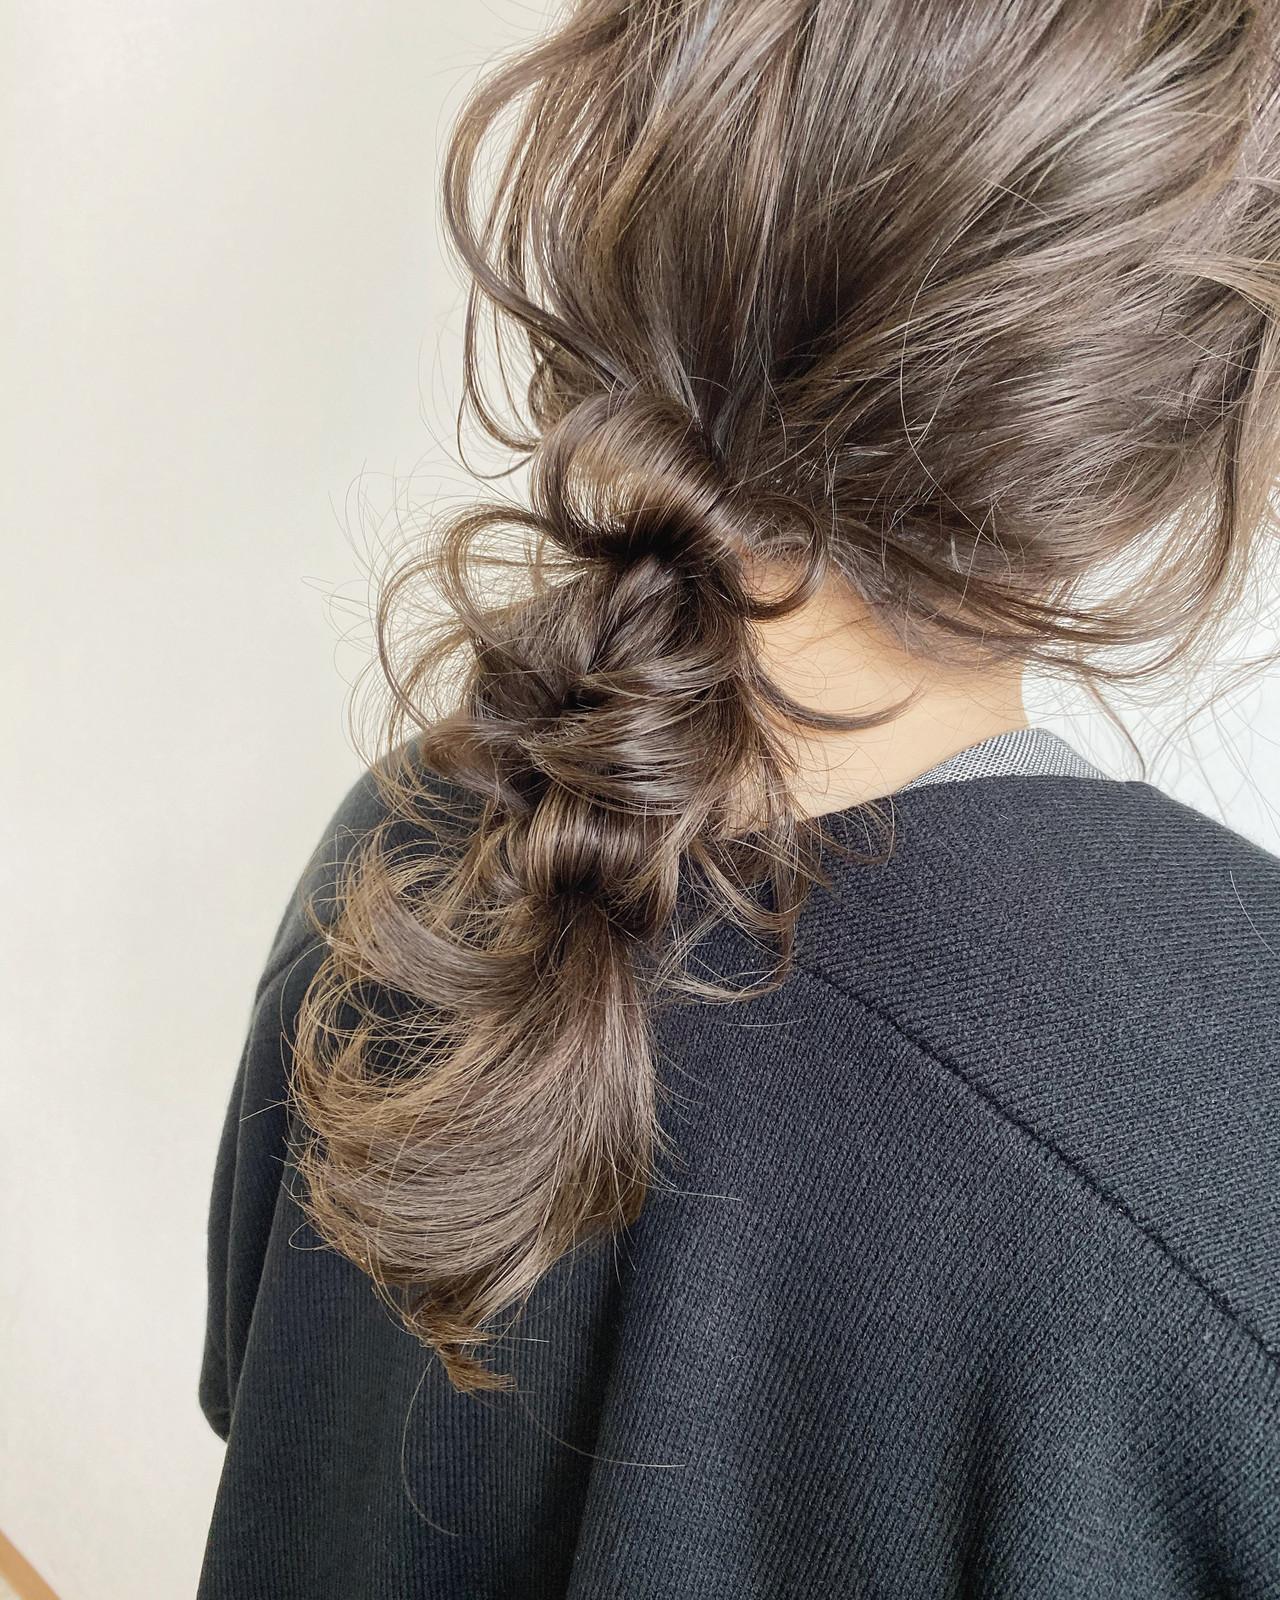 ヘアアレンジ セルフヘアアレンジ 外国人風カラー セミロング ヘアスタイルや髪型の写真・画像